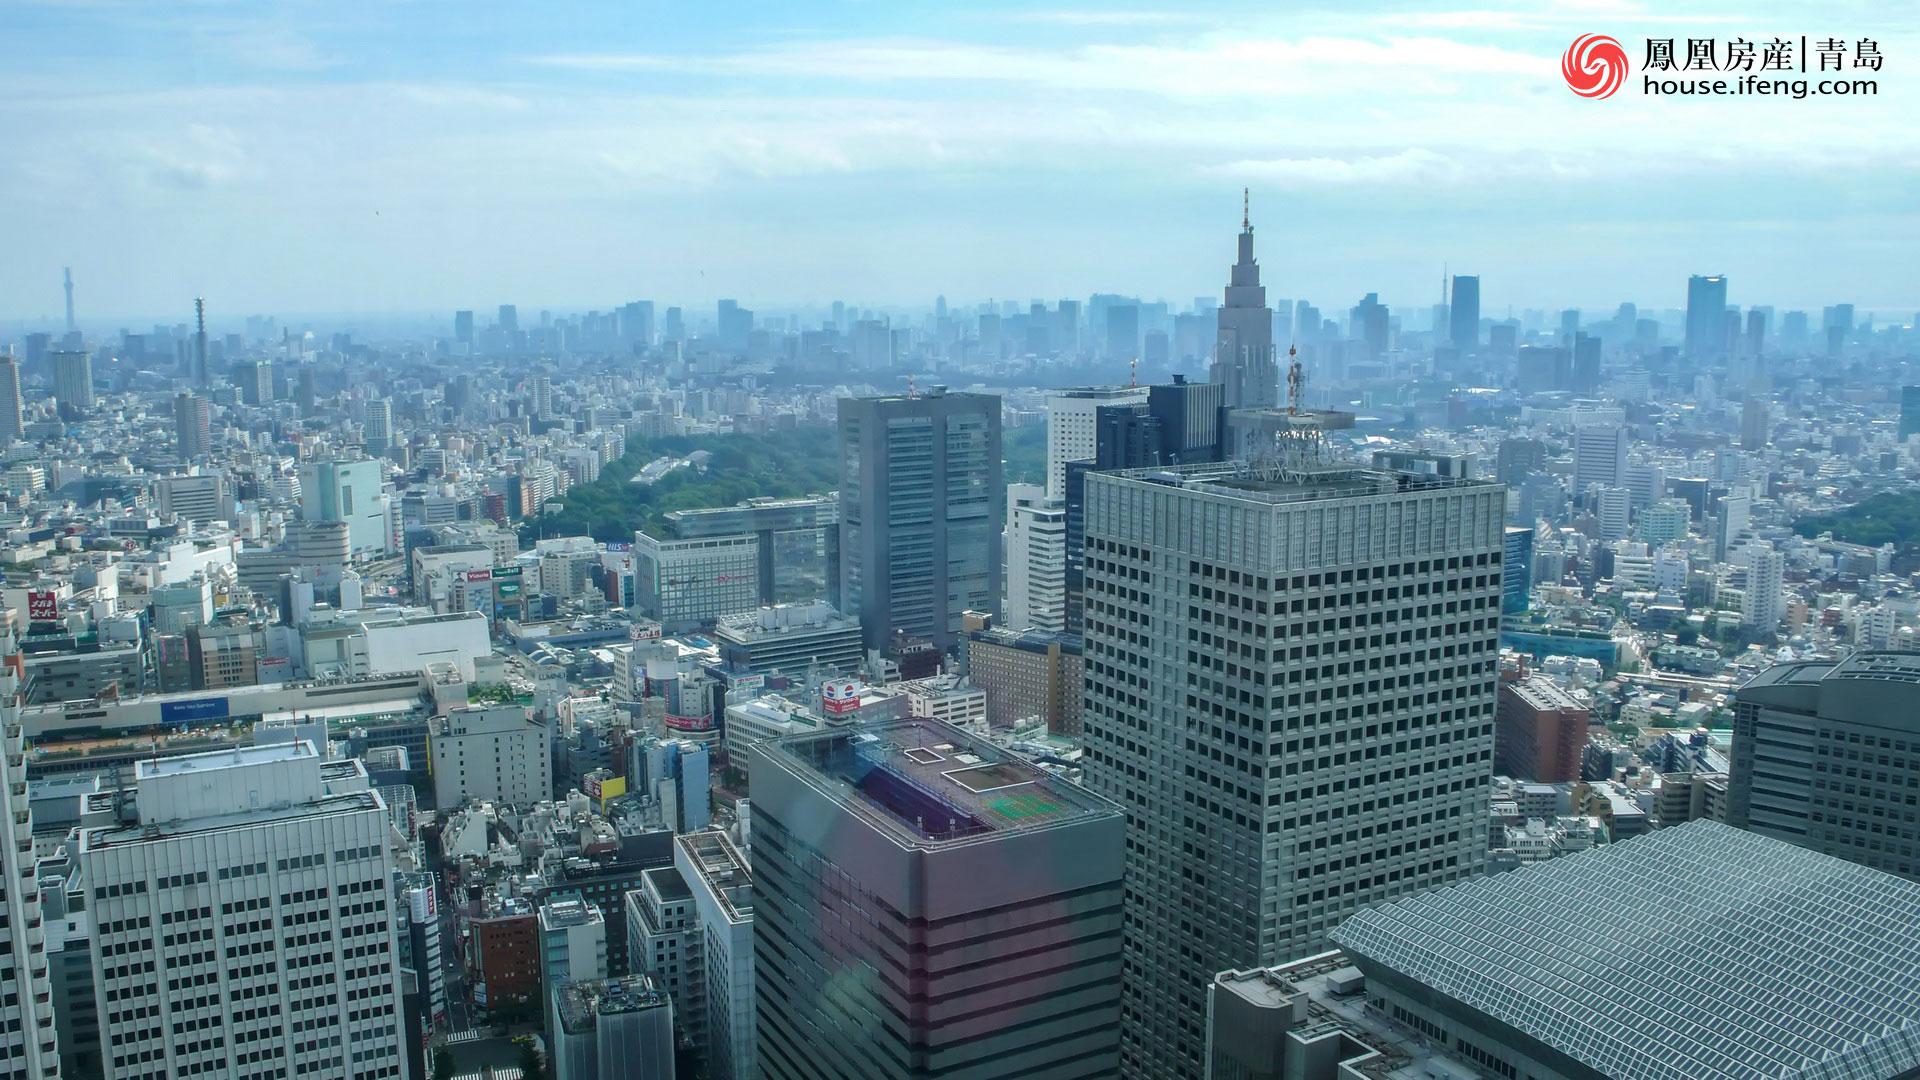 """看日本的""""高楼大厦""""寻找美丽的""""东京大晴天"""""""